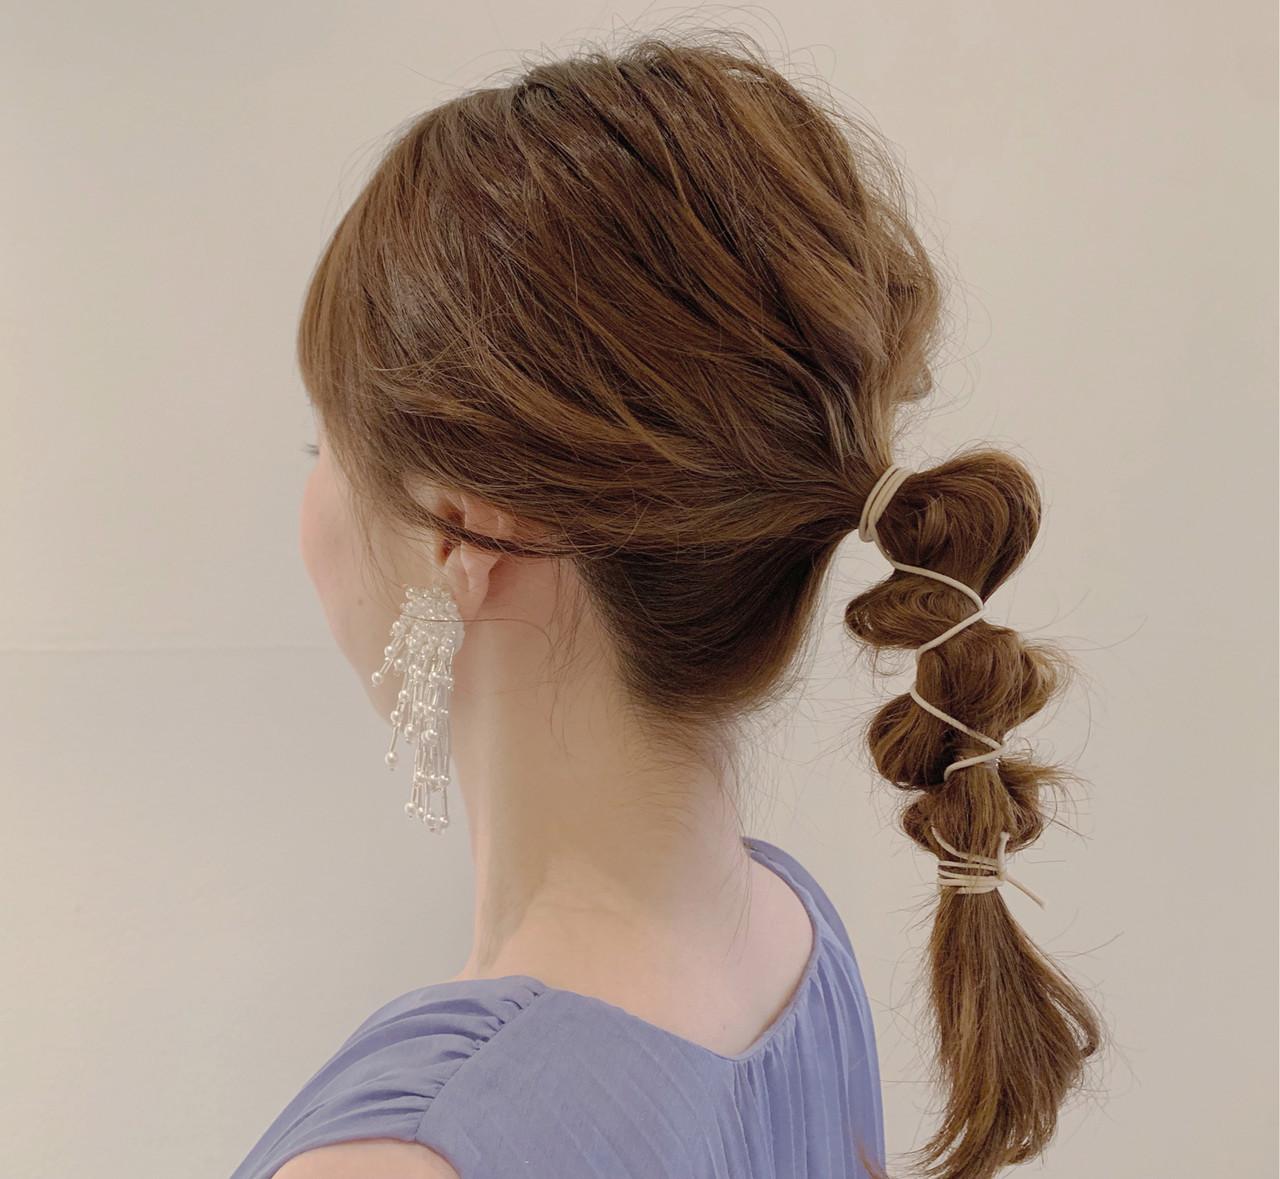 ヘアセット ヘアアレンジ 簡単ヘアアレンジ ミディアム ヘアスタイルや髪型の写真・画像